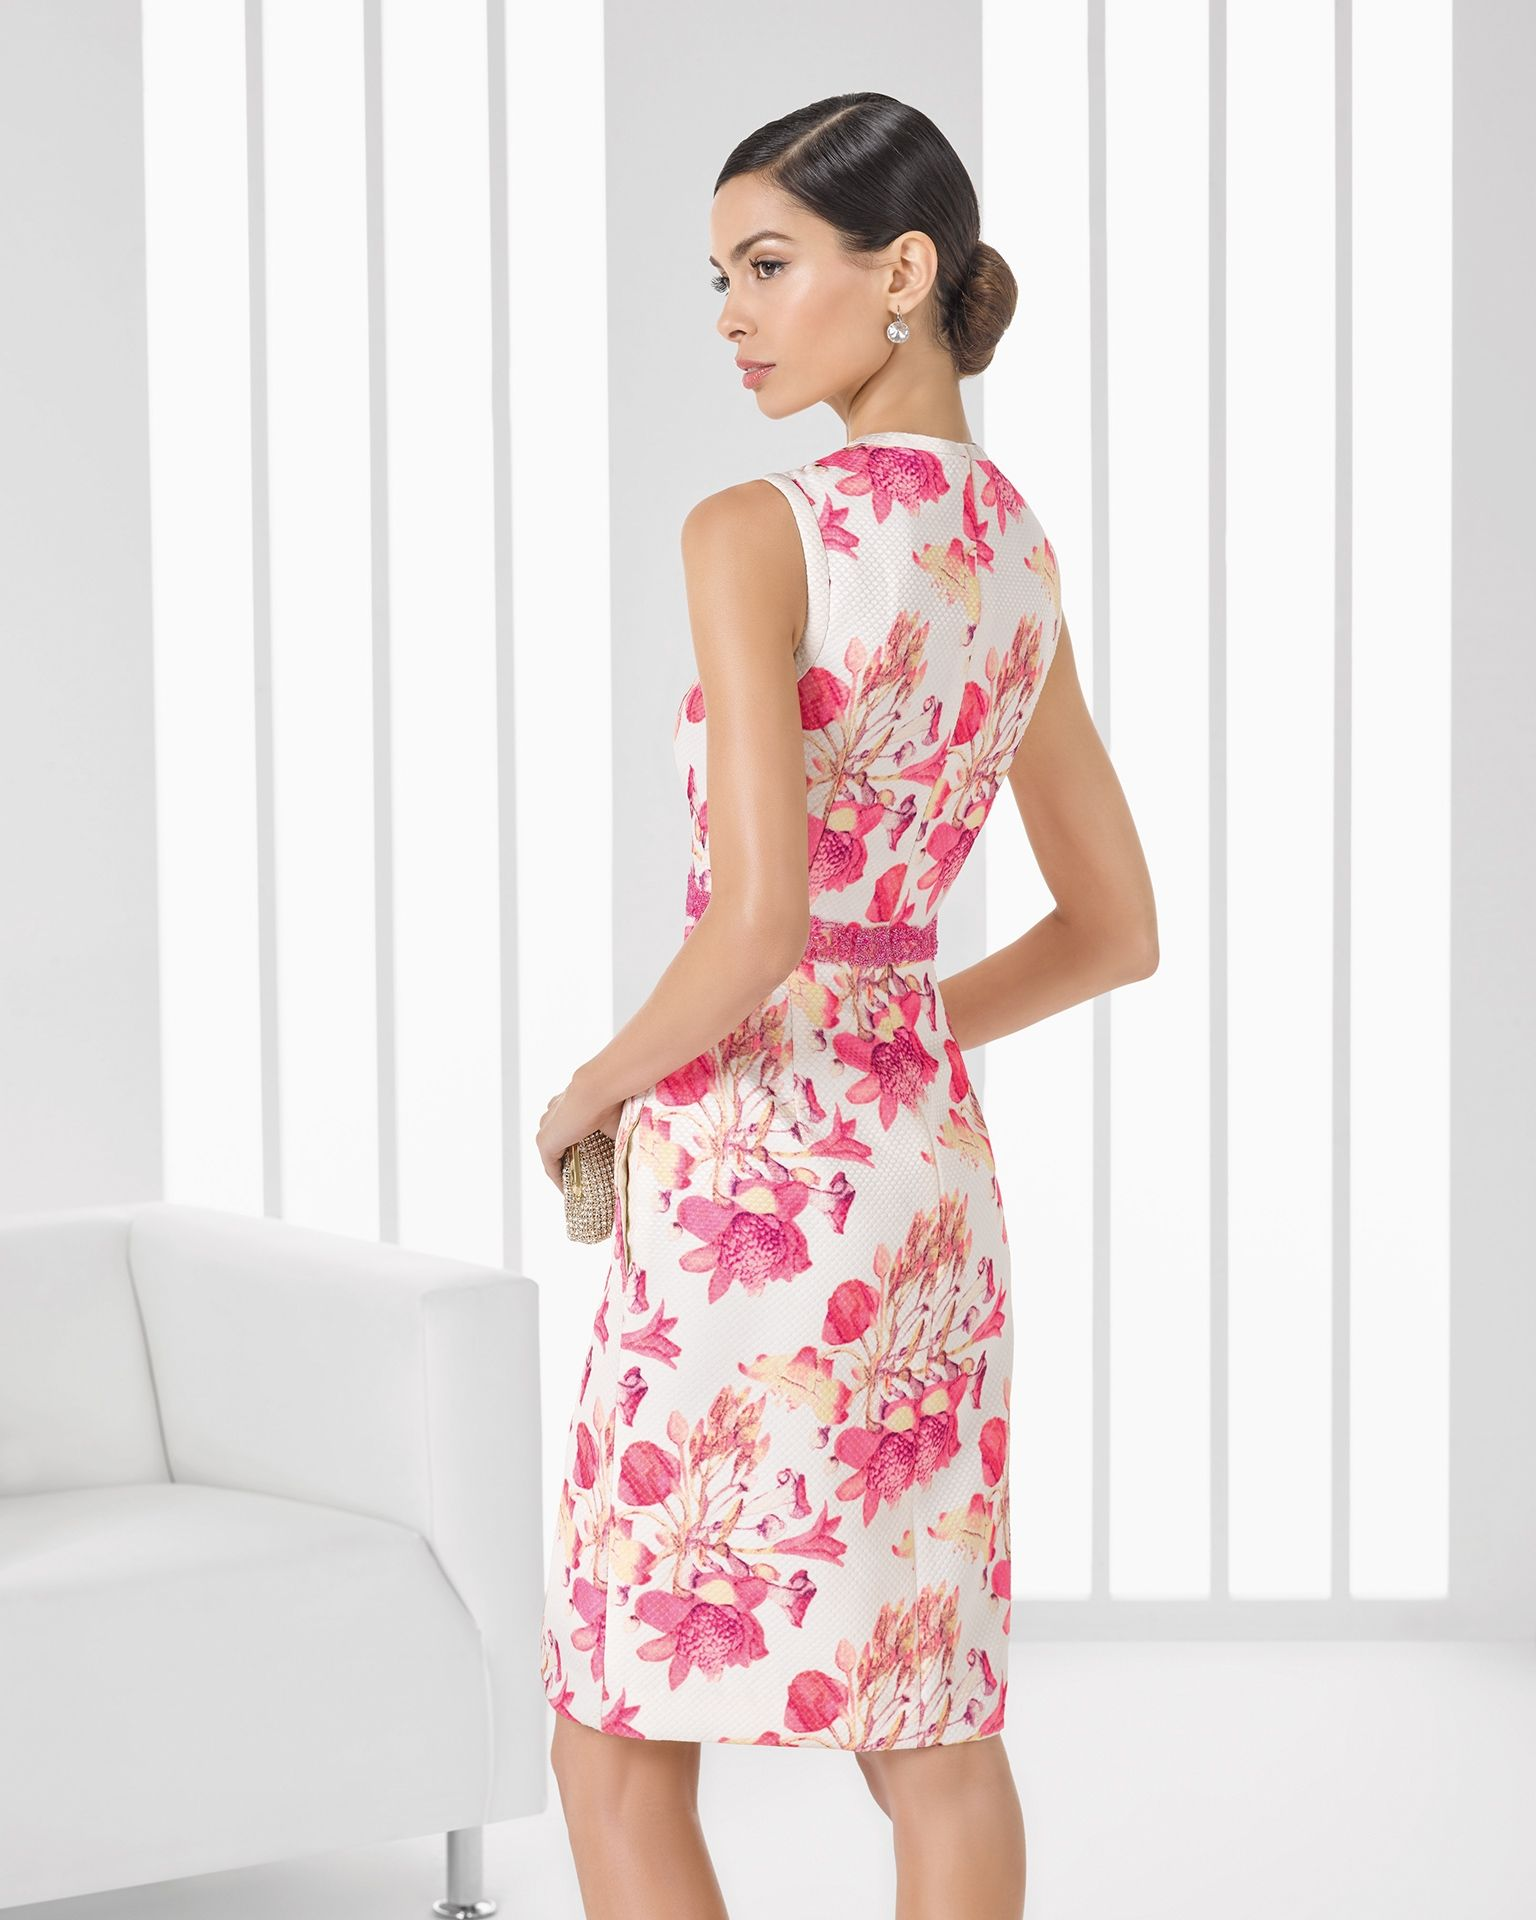 Fantástico Vestidos De Cóctel Simples Friso - Colección de Vestidos ...